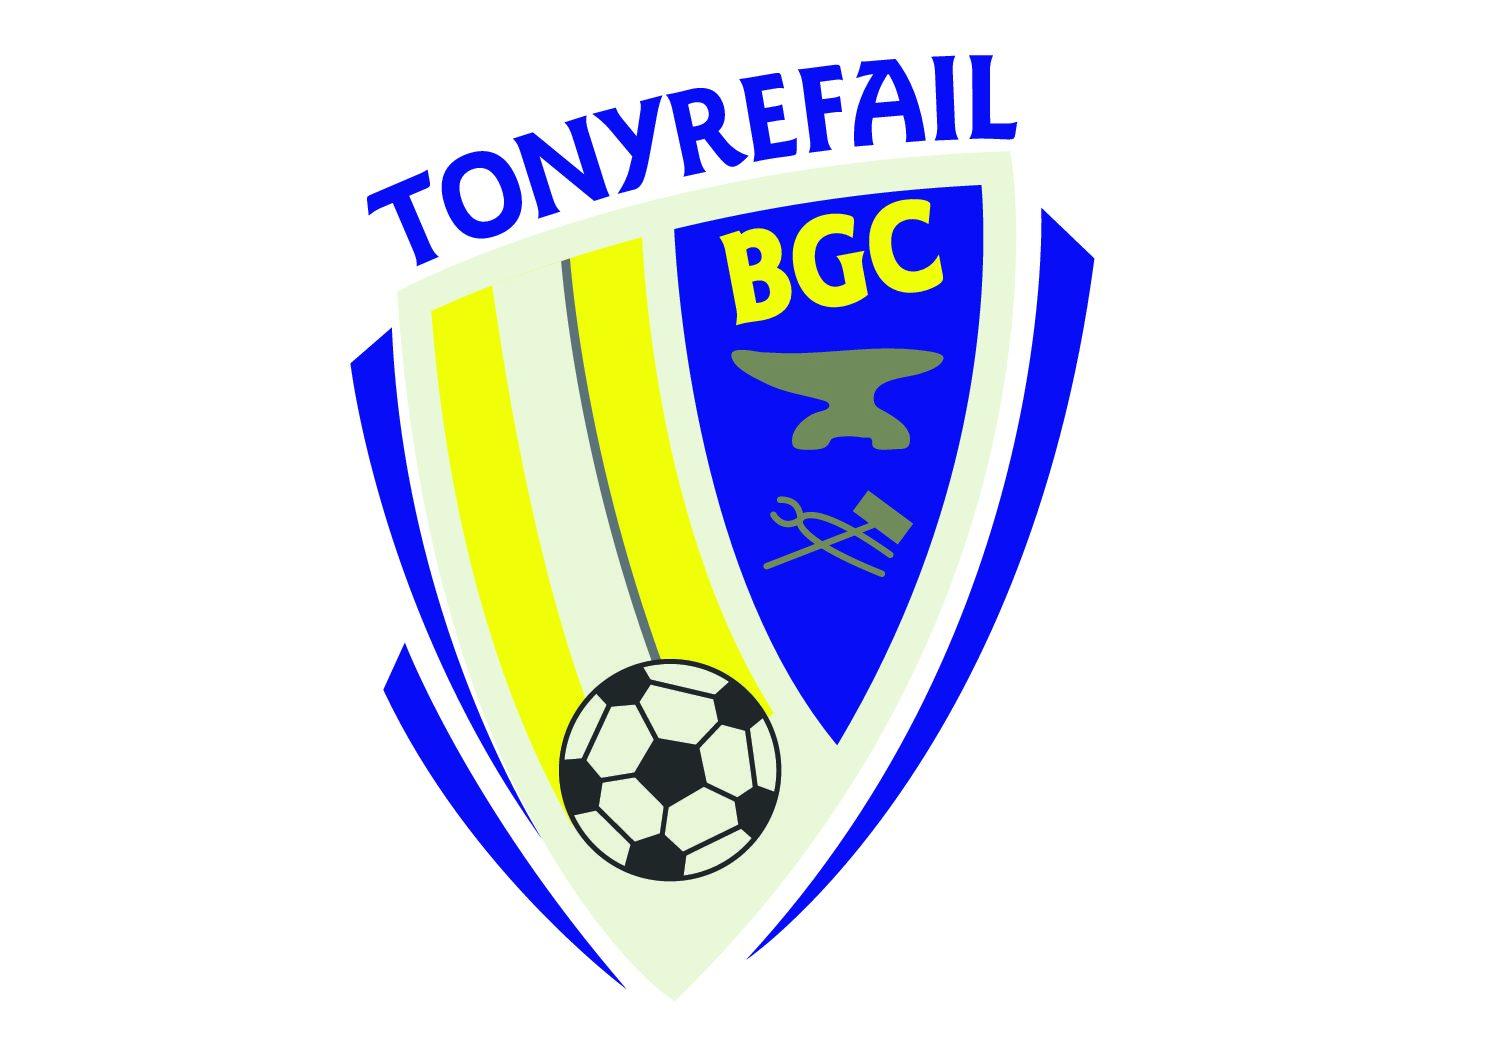 TONYREFAIL BGC